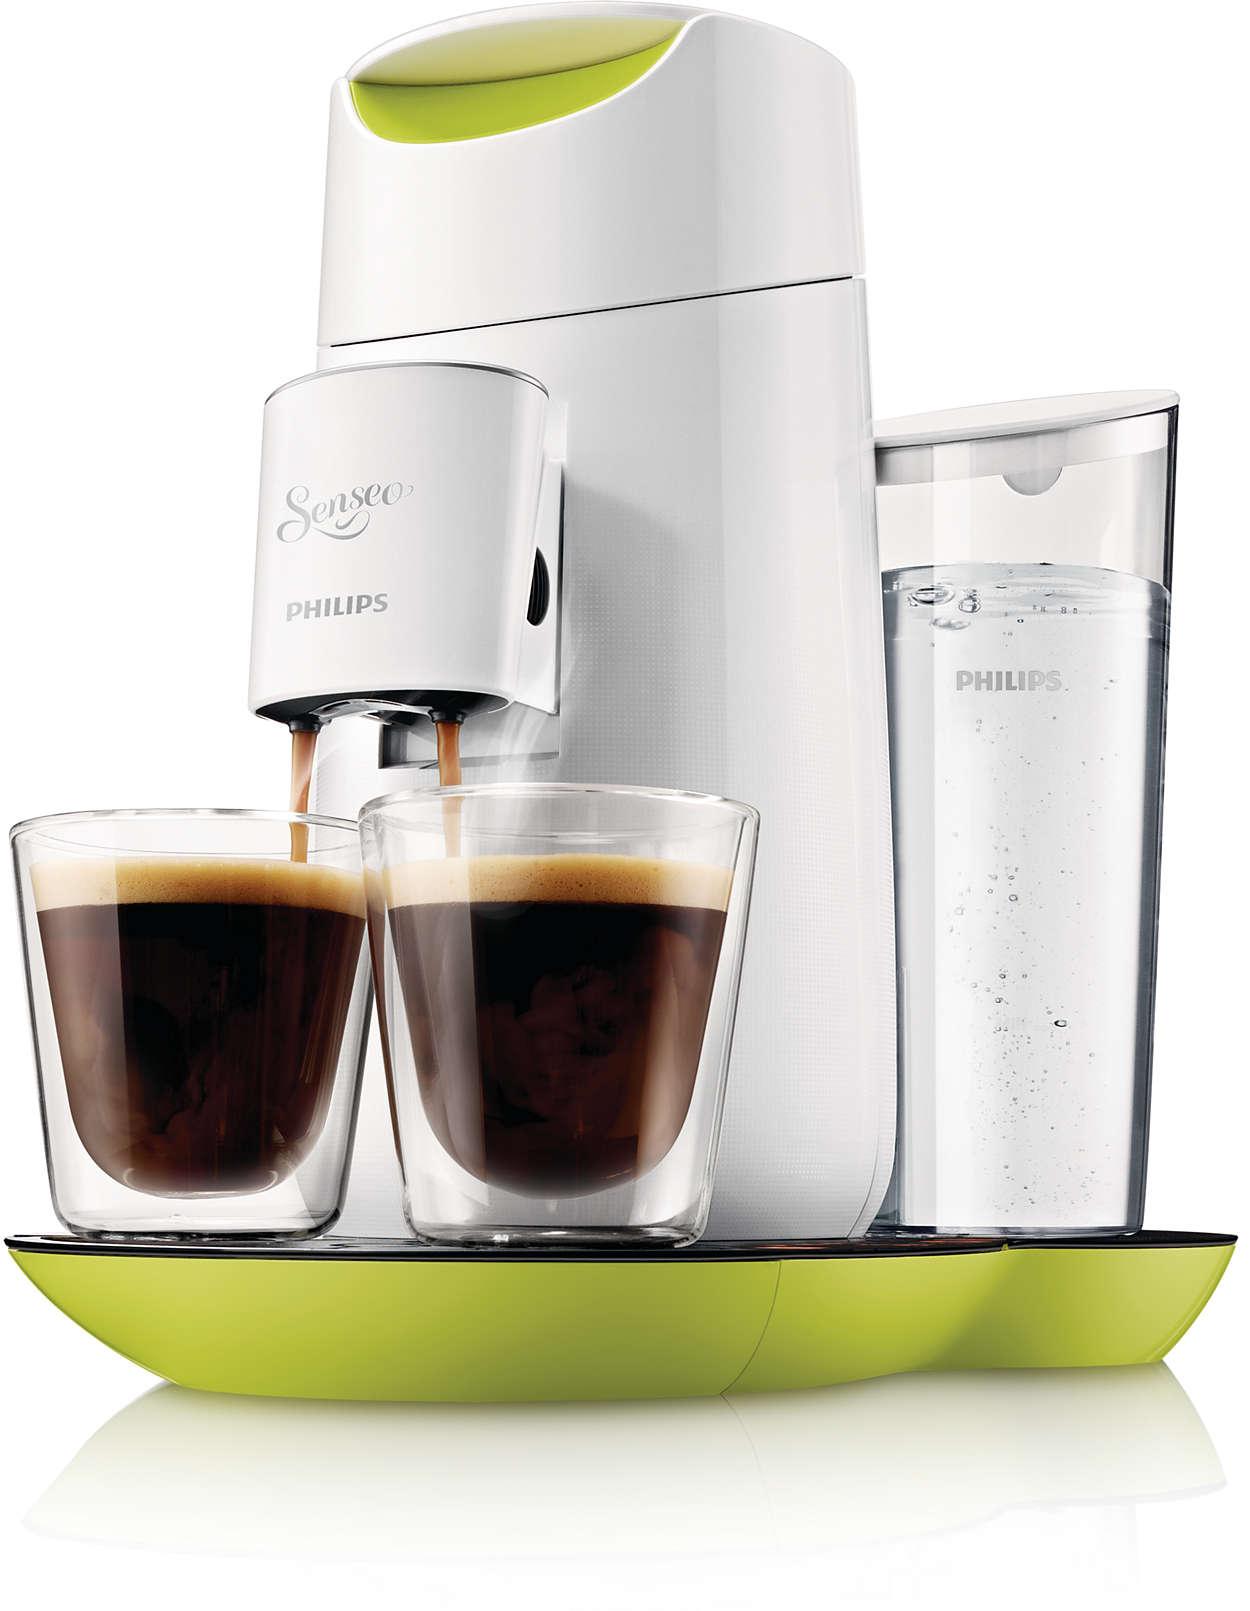 Prepară propria cafea SENSEO® exact cum îţi place